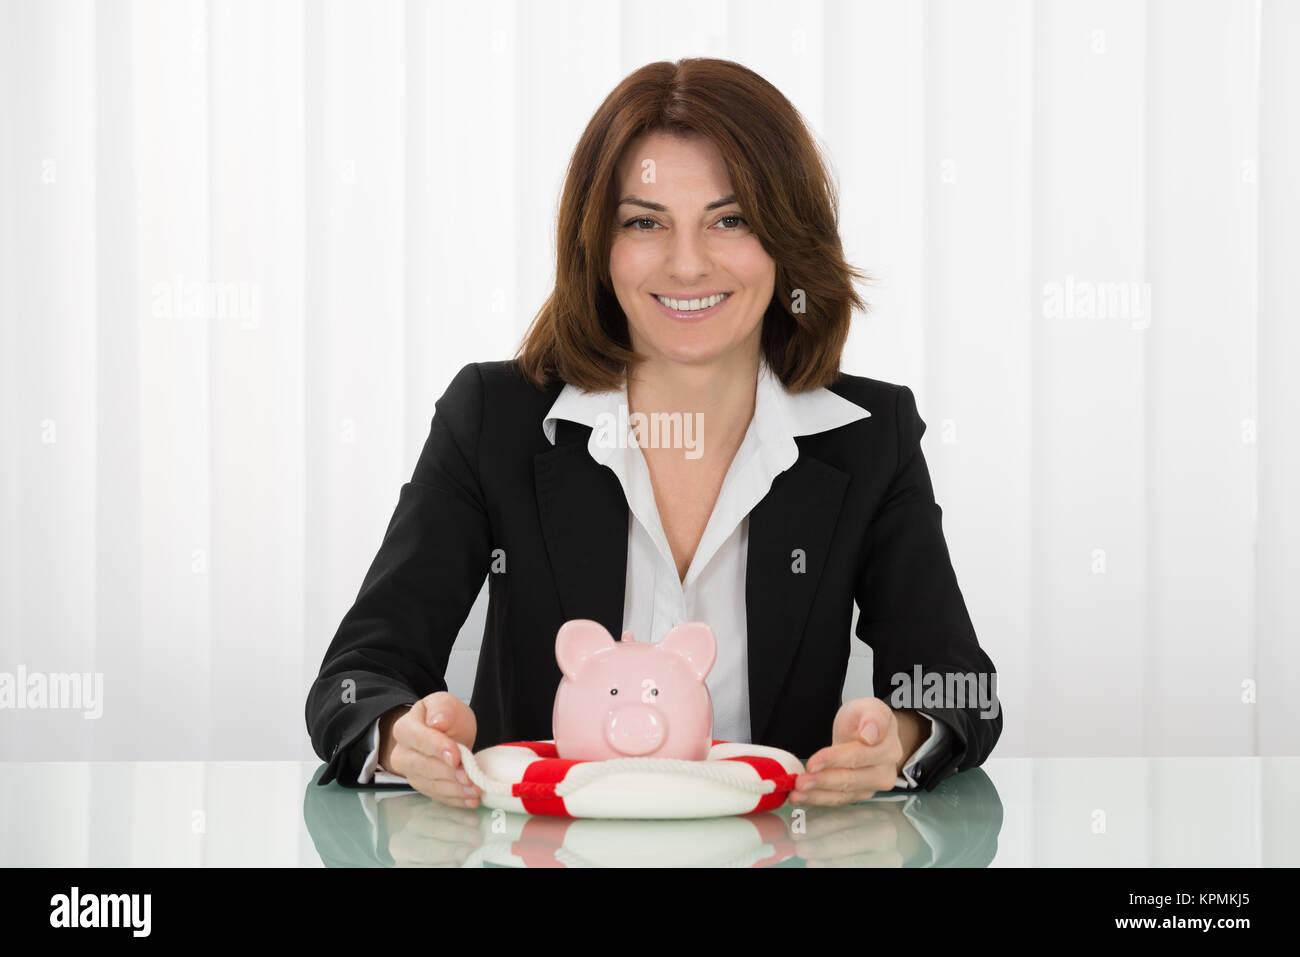 Businesswoman Sheltering Piggybank With Lifebelt - Stock Image